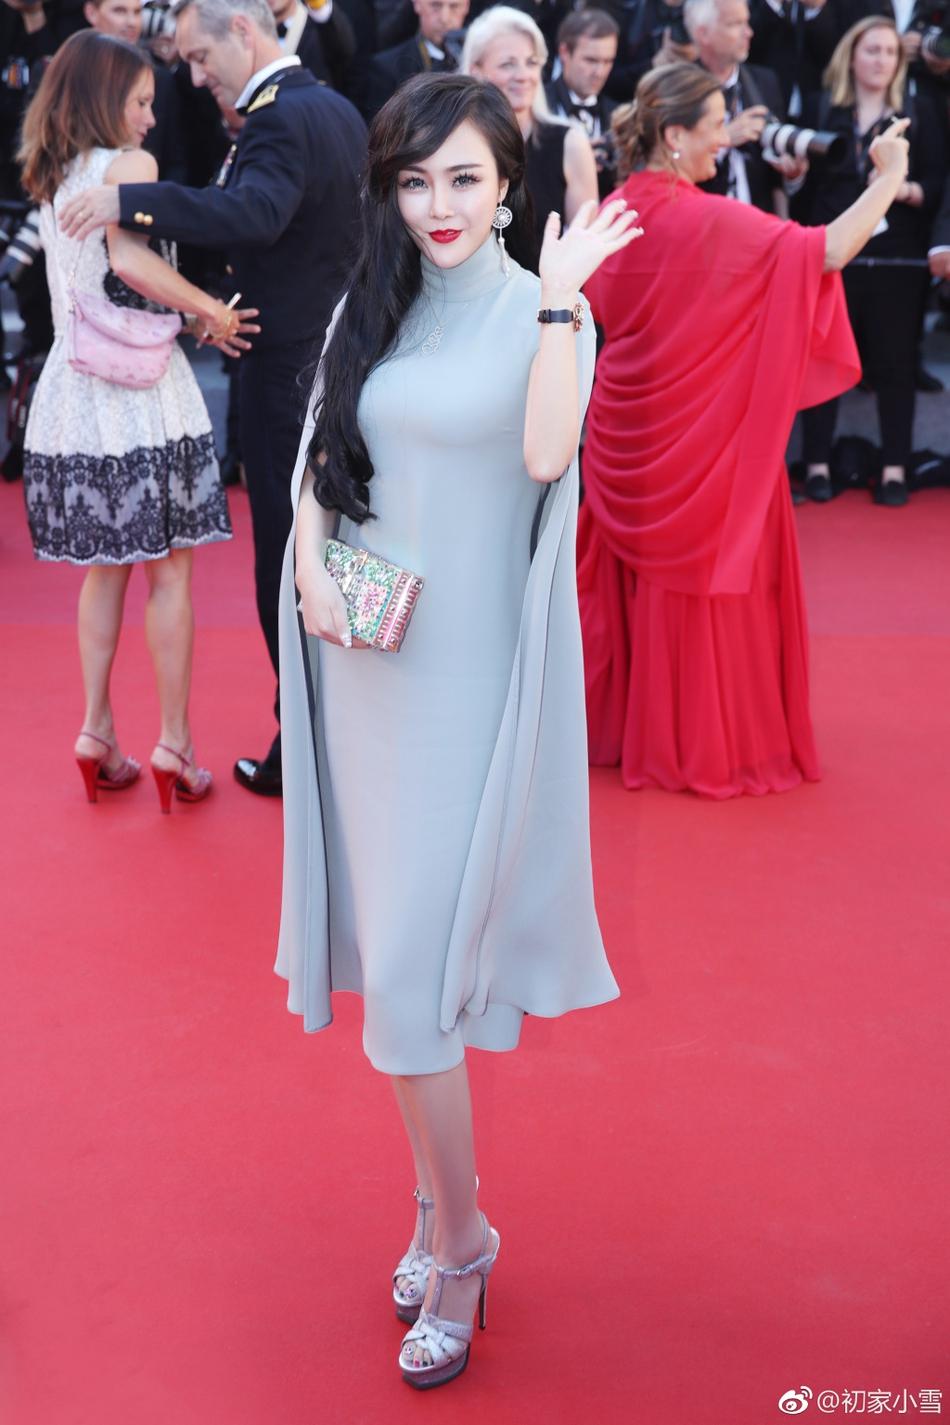 Lại thêm một người đẹp Cbiz vô danh chen chân lên thảm đỏ Cannes khiến netizen muối mặt - Ảnh 1.